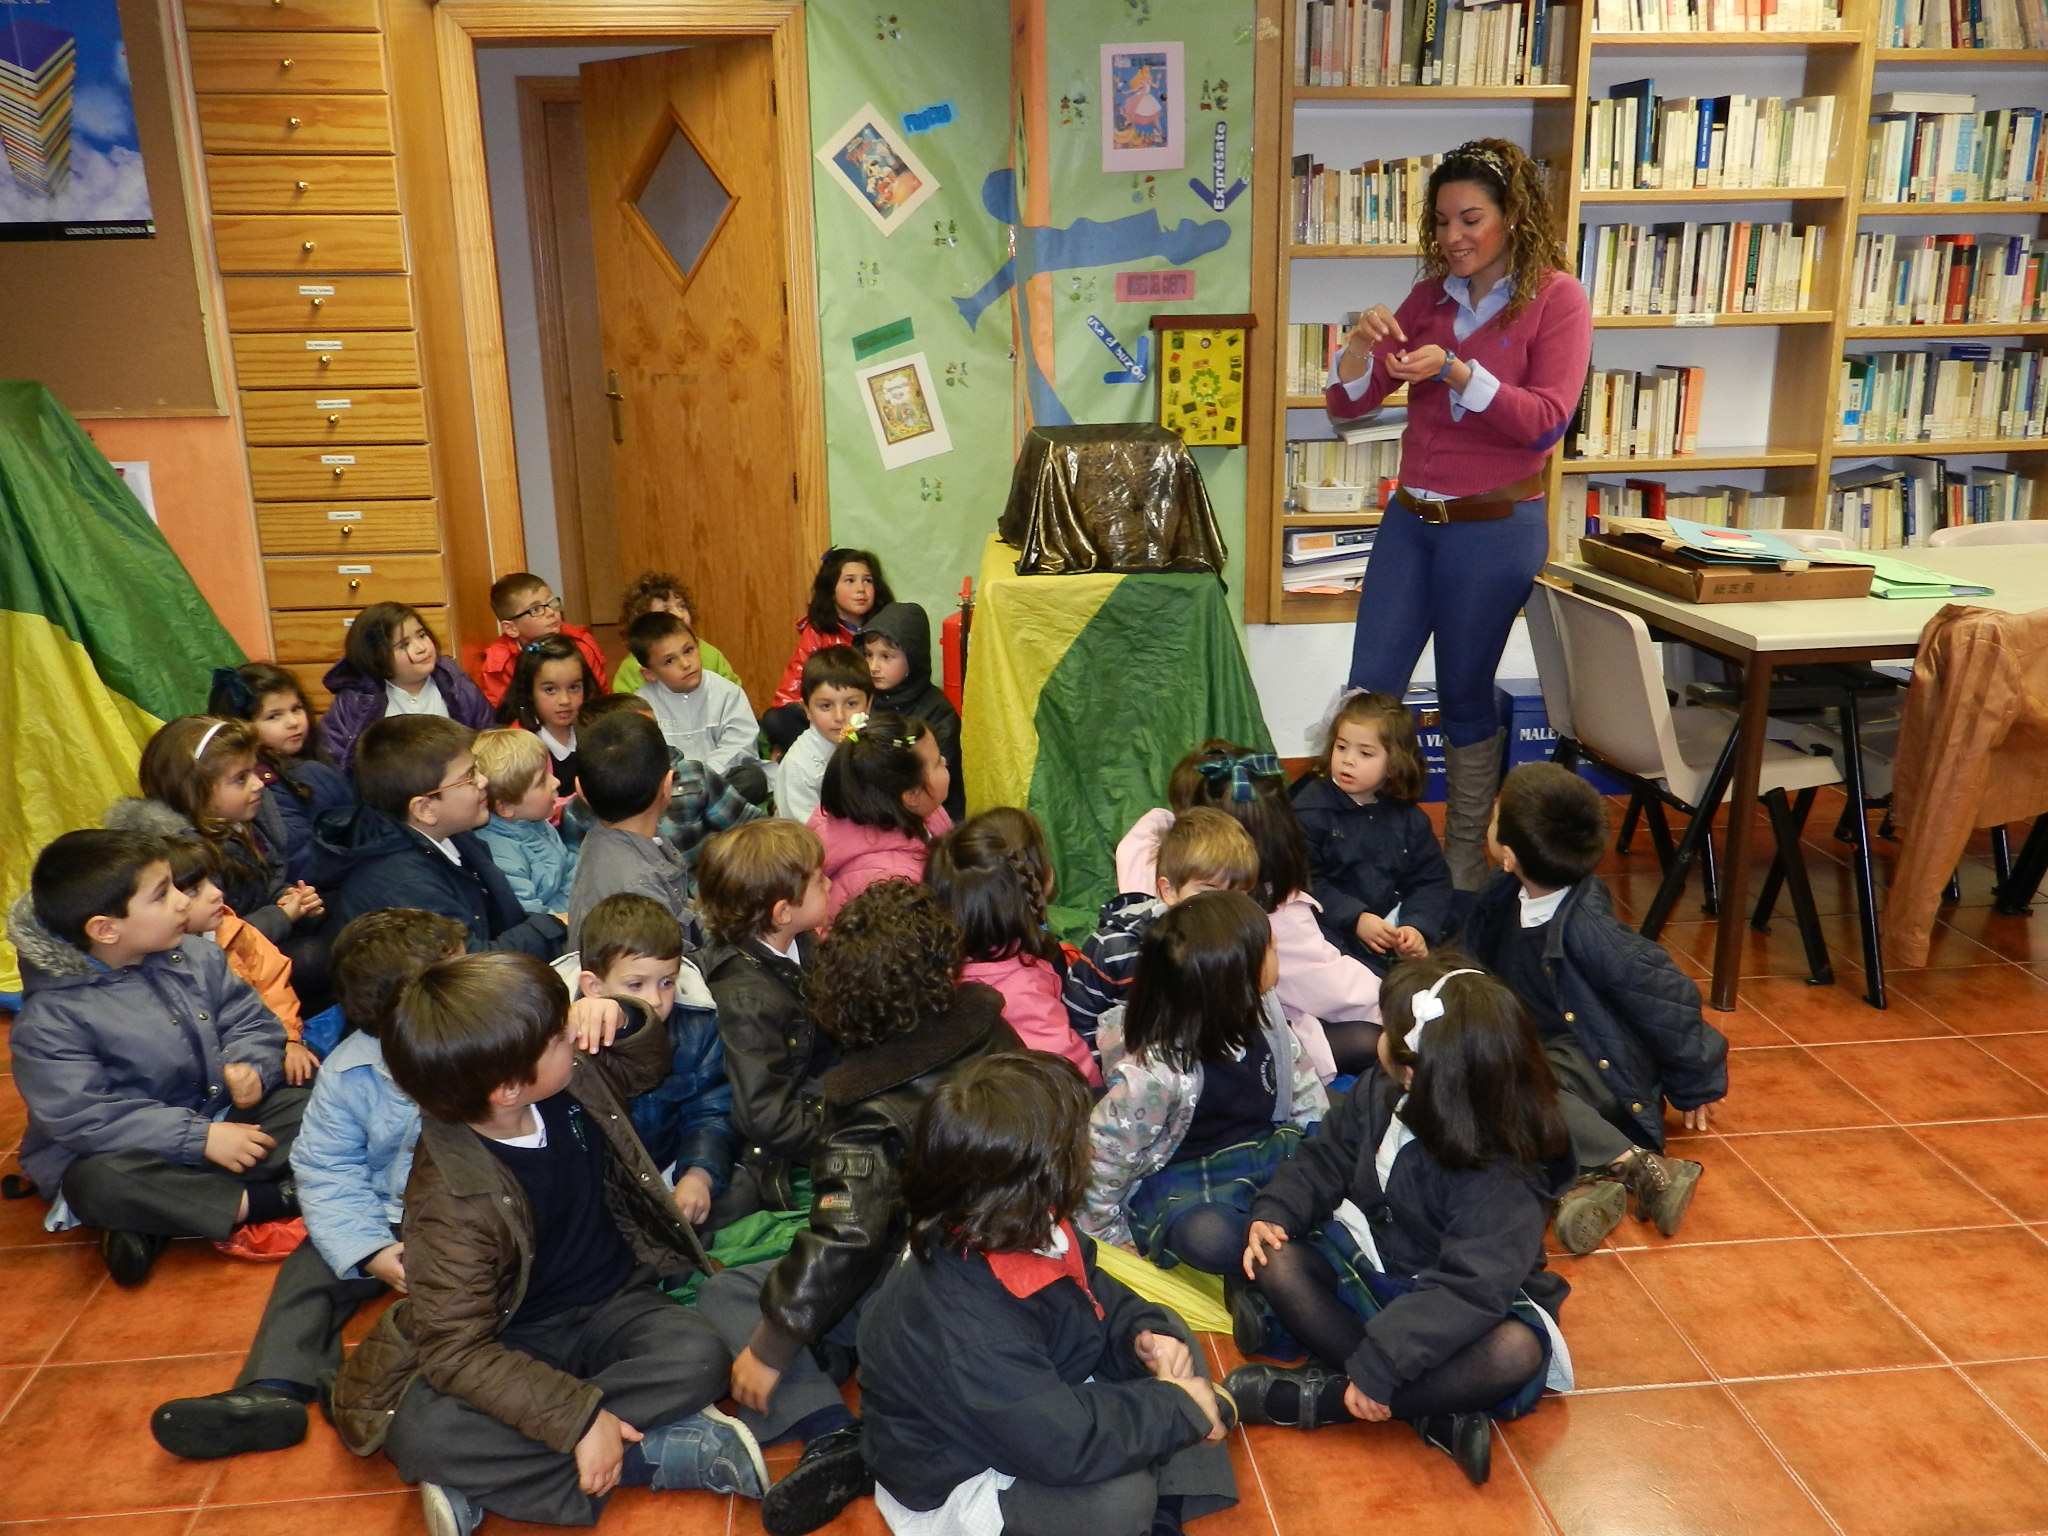 La biblioteca municipal recibe la visita de los niños del municipio